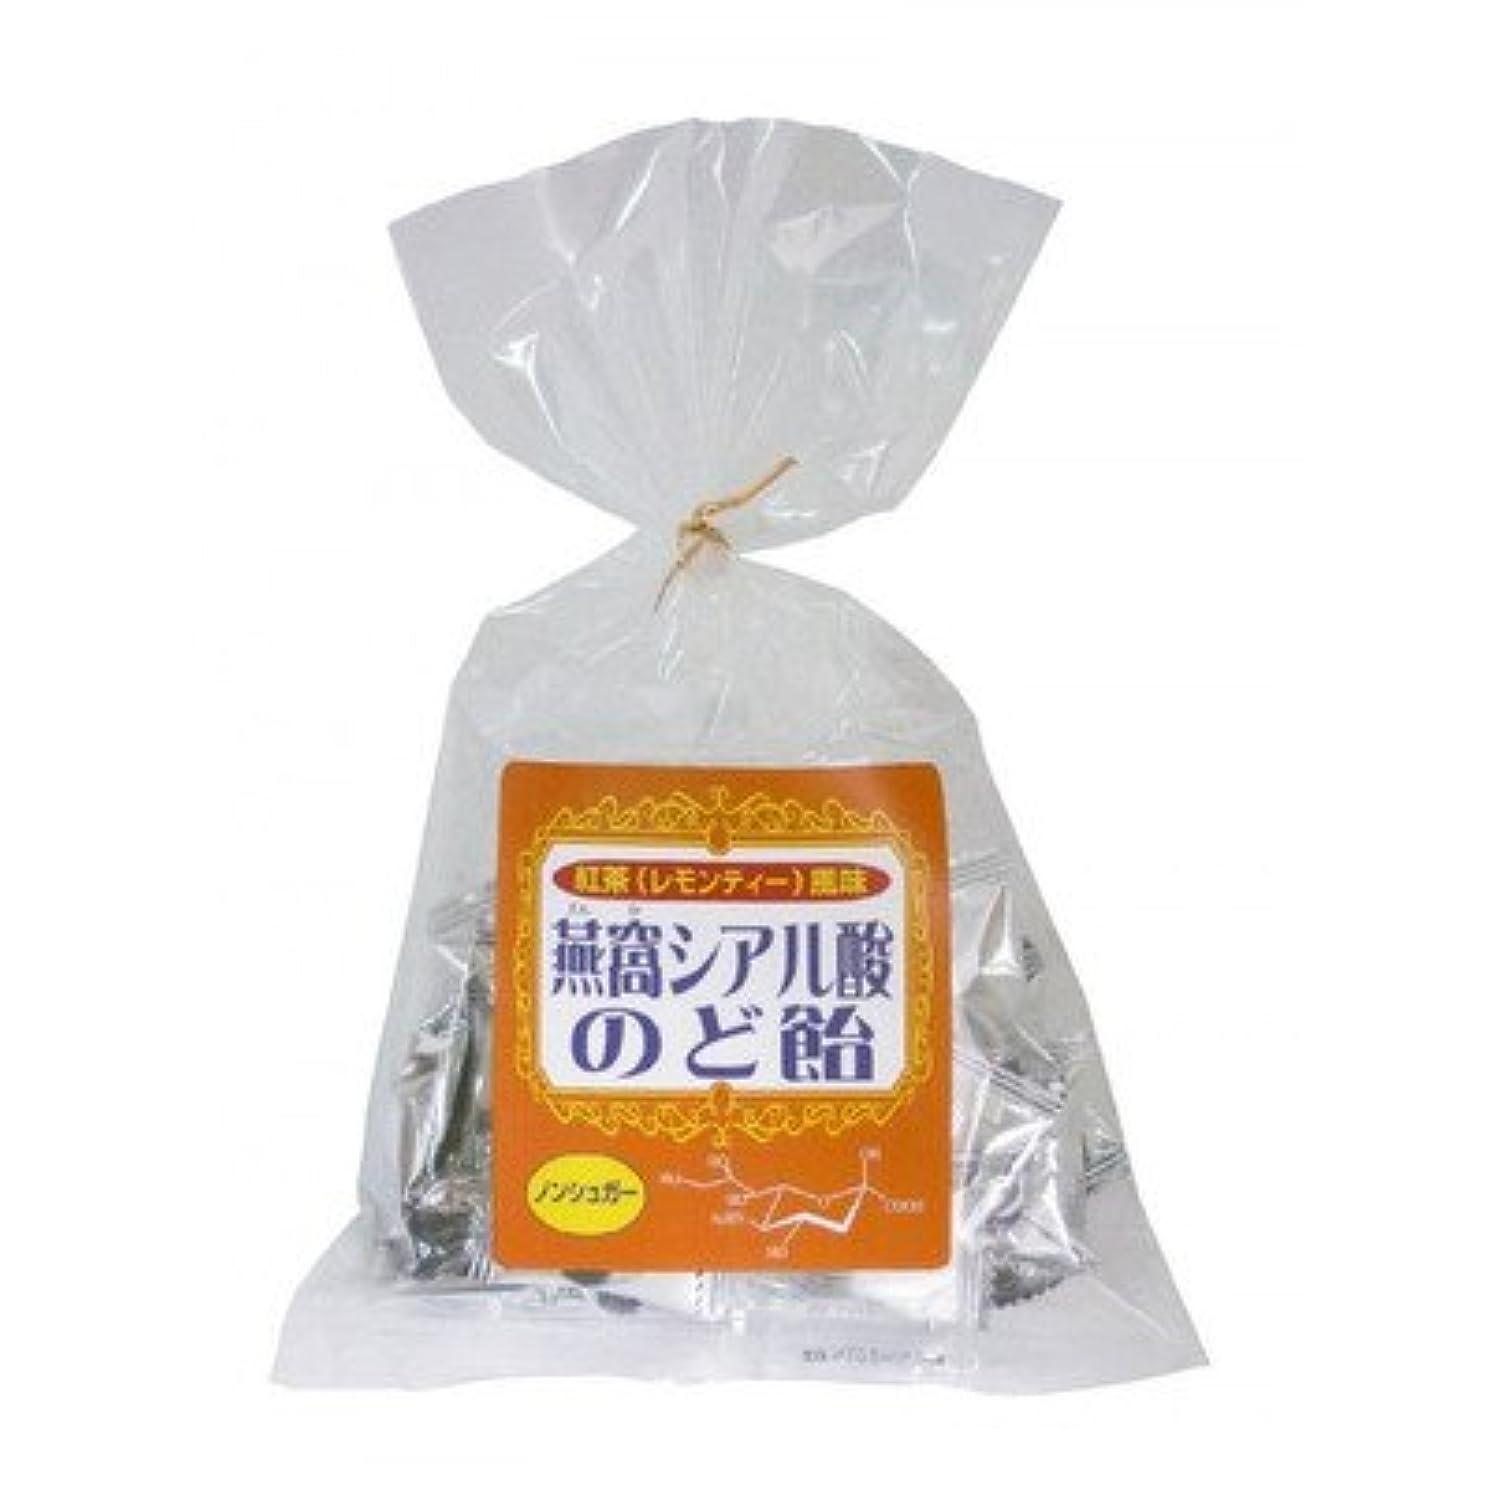 空港吸い込む放出燕窩シアル酸のど飴ノンシュガー 紅茶(レモンティー)風味 87g×3袋